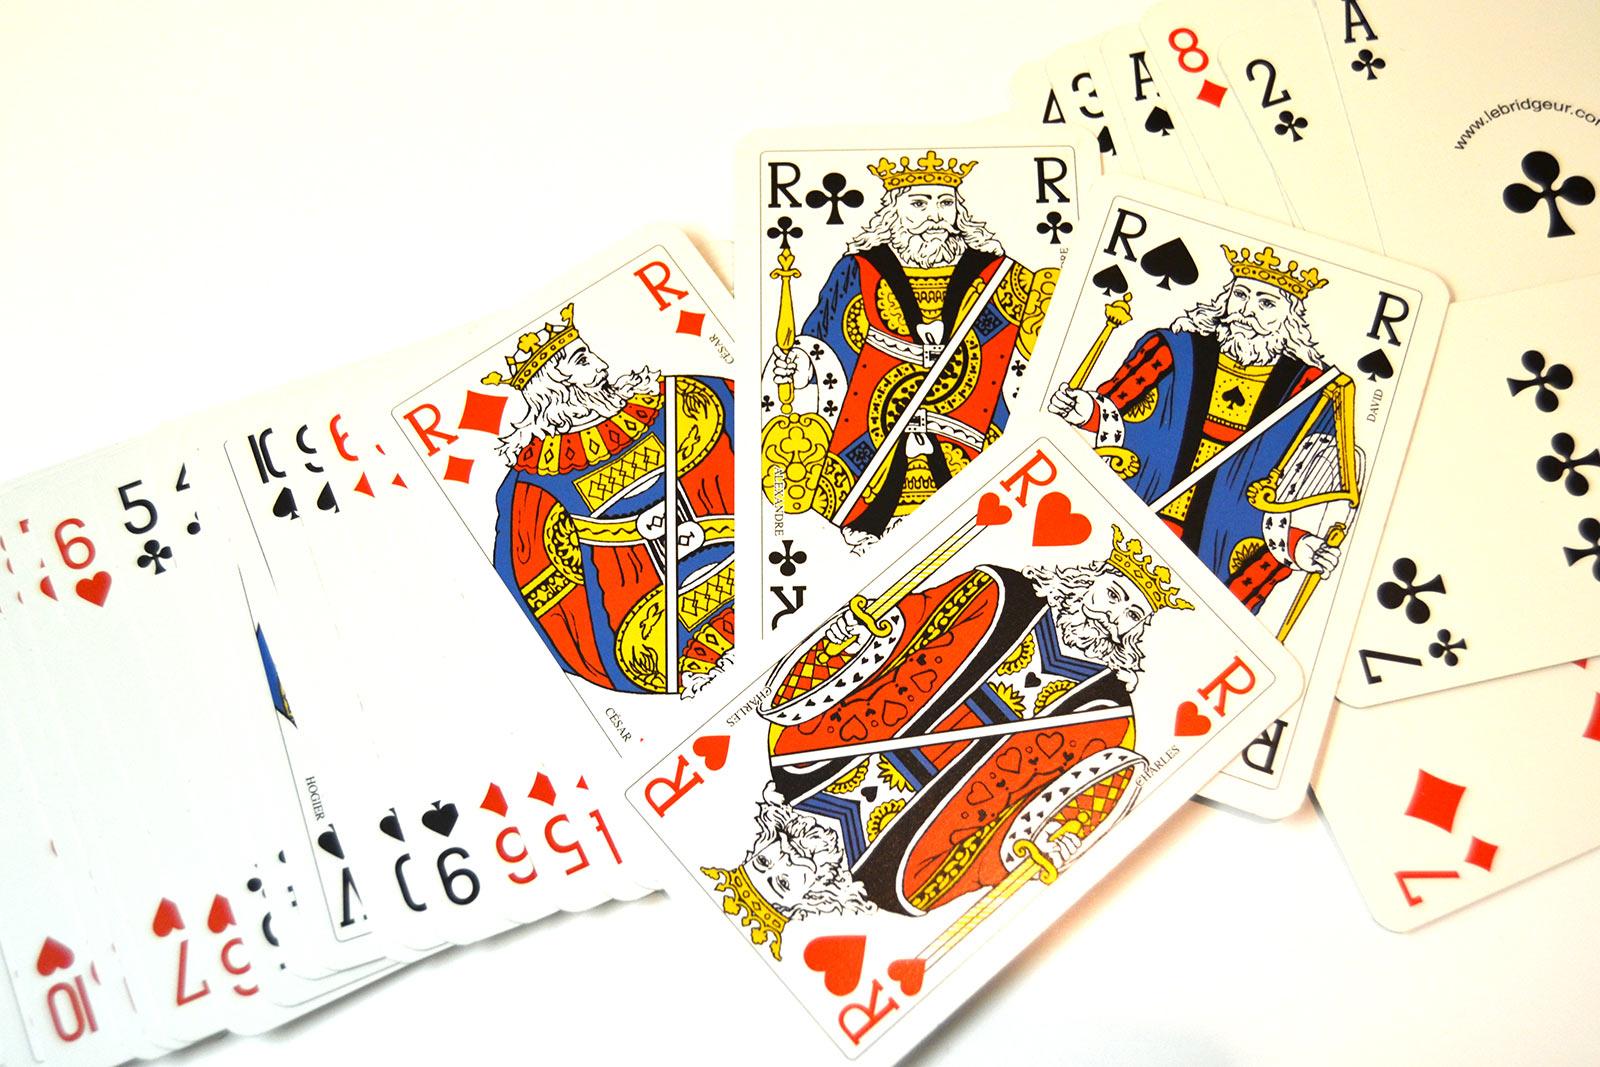 Ilustración gratis - Cartas Baraja inglesa - Reyes del poker